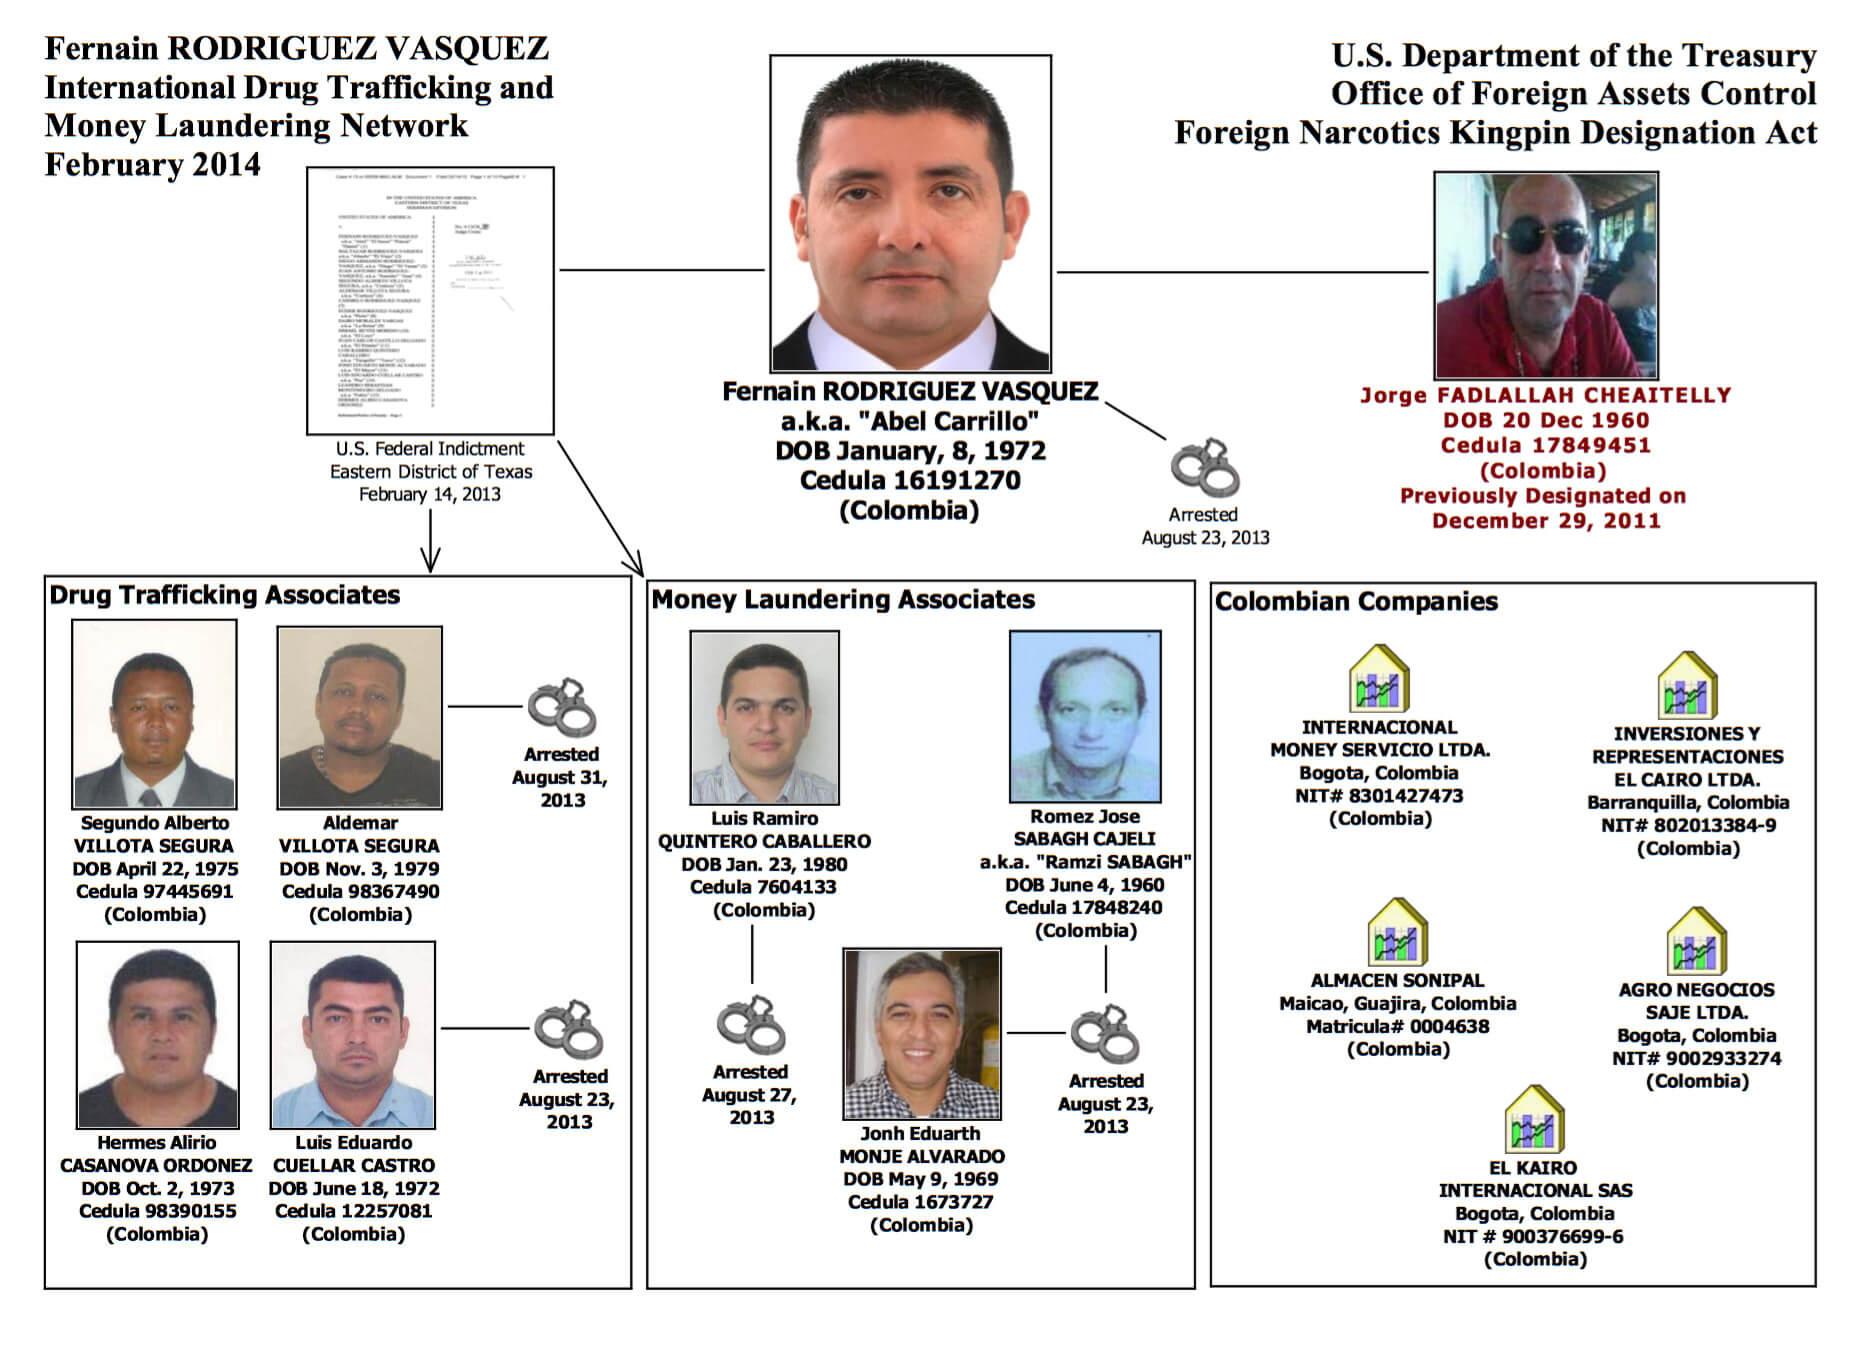 ¿Narco o guerrillero? El lío entre el Gobierno y las Farc por una extradición